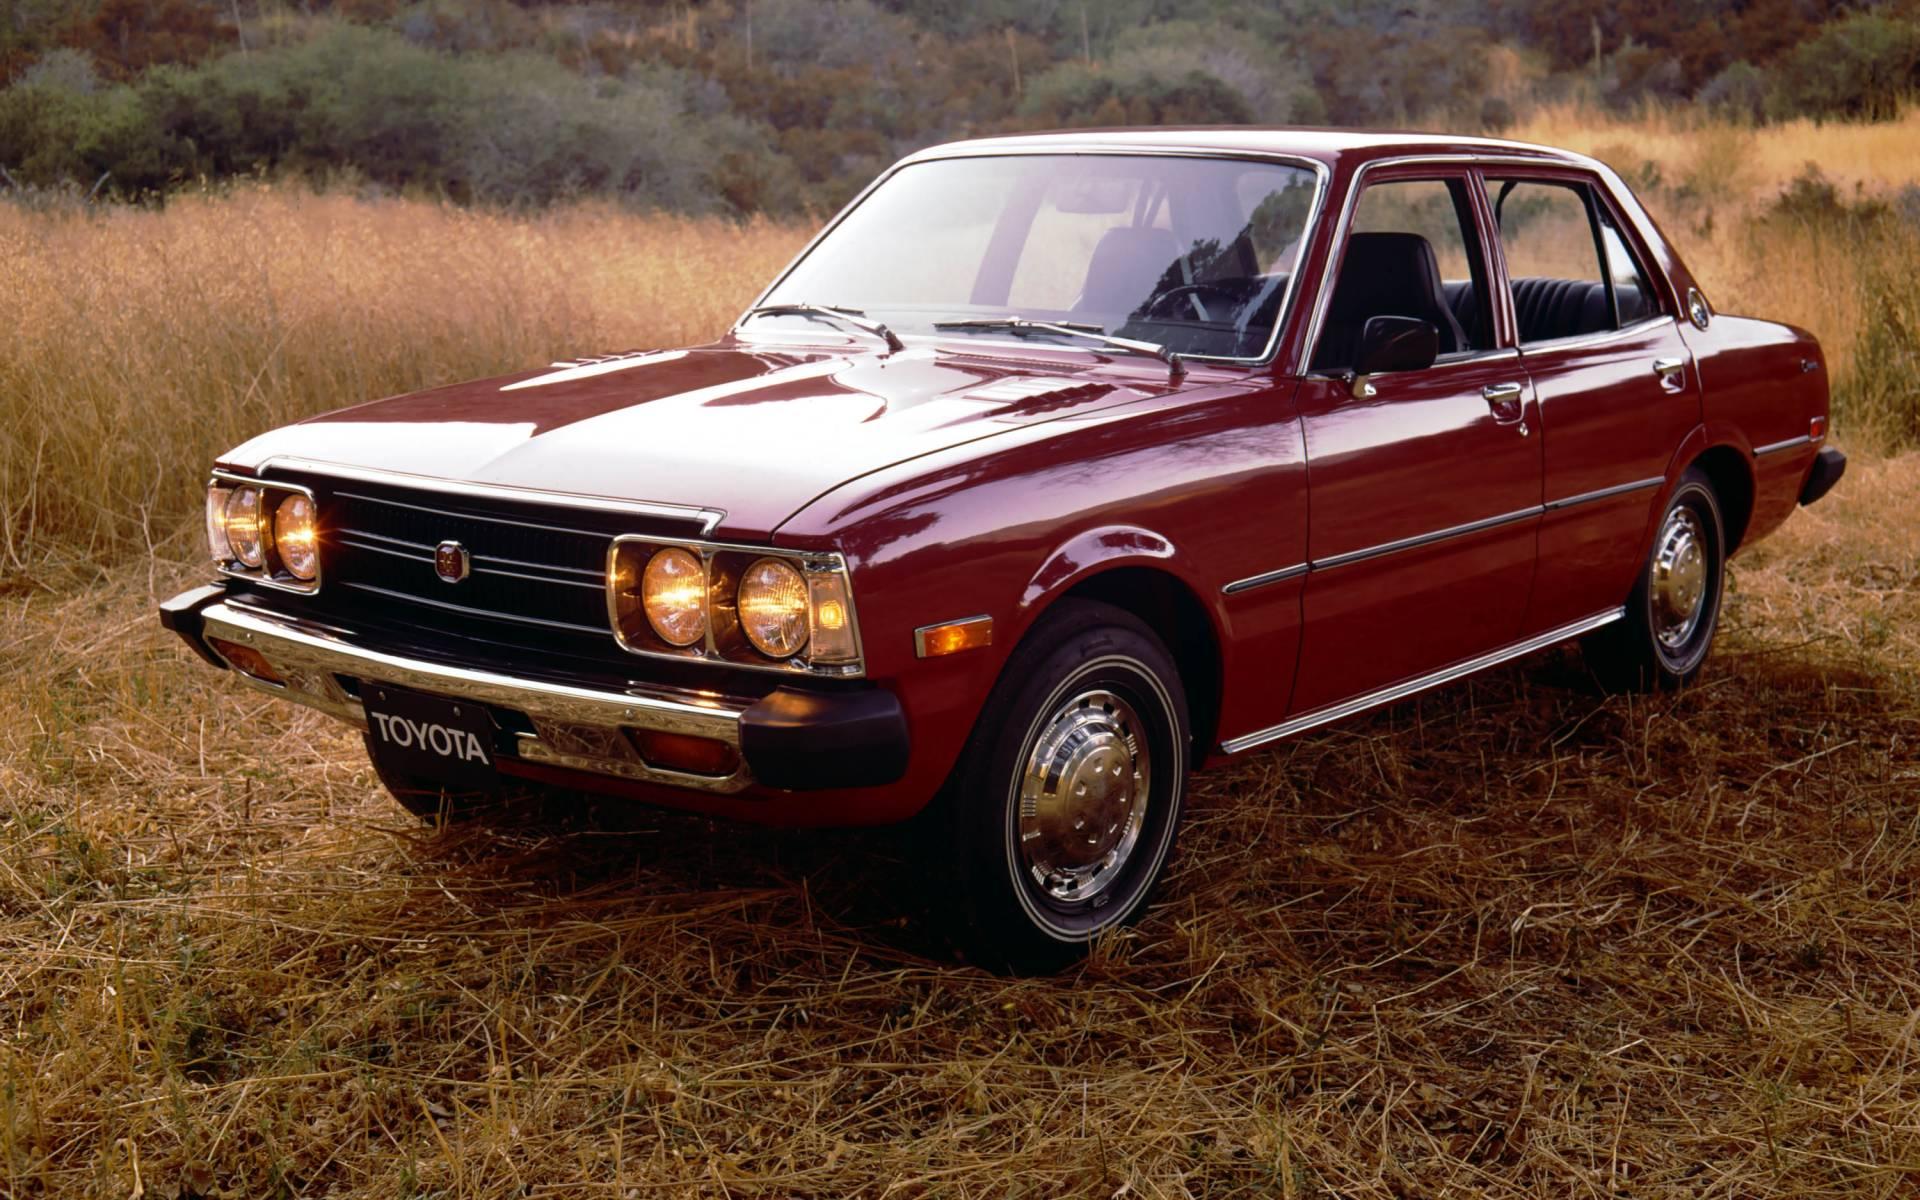 Découvrez la Toyota Corona… sans virus! 417773-decouvrez-la-toyota-corona-sans-virus